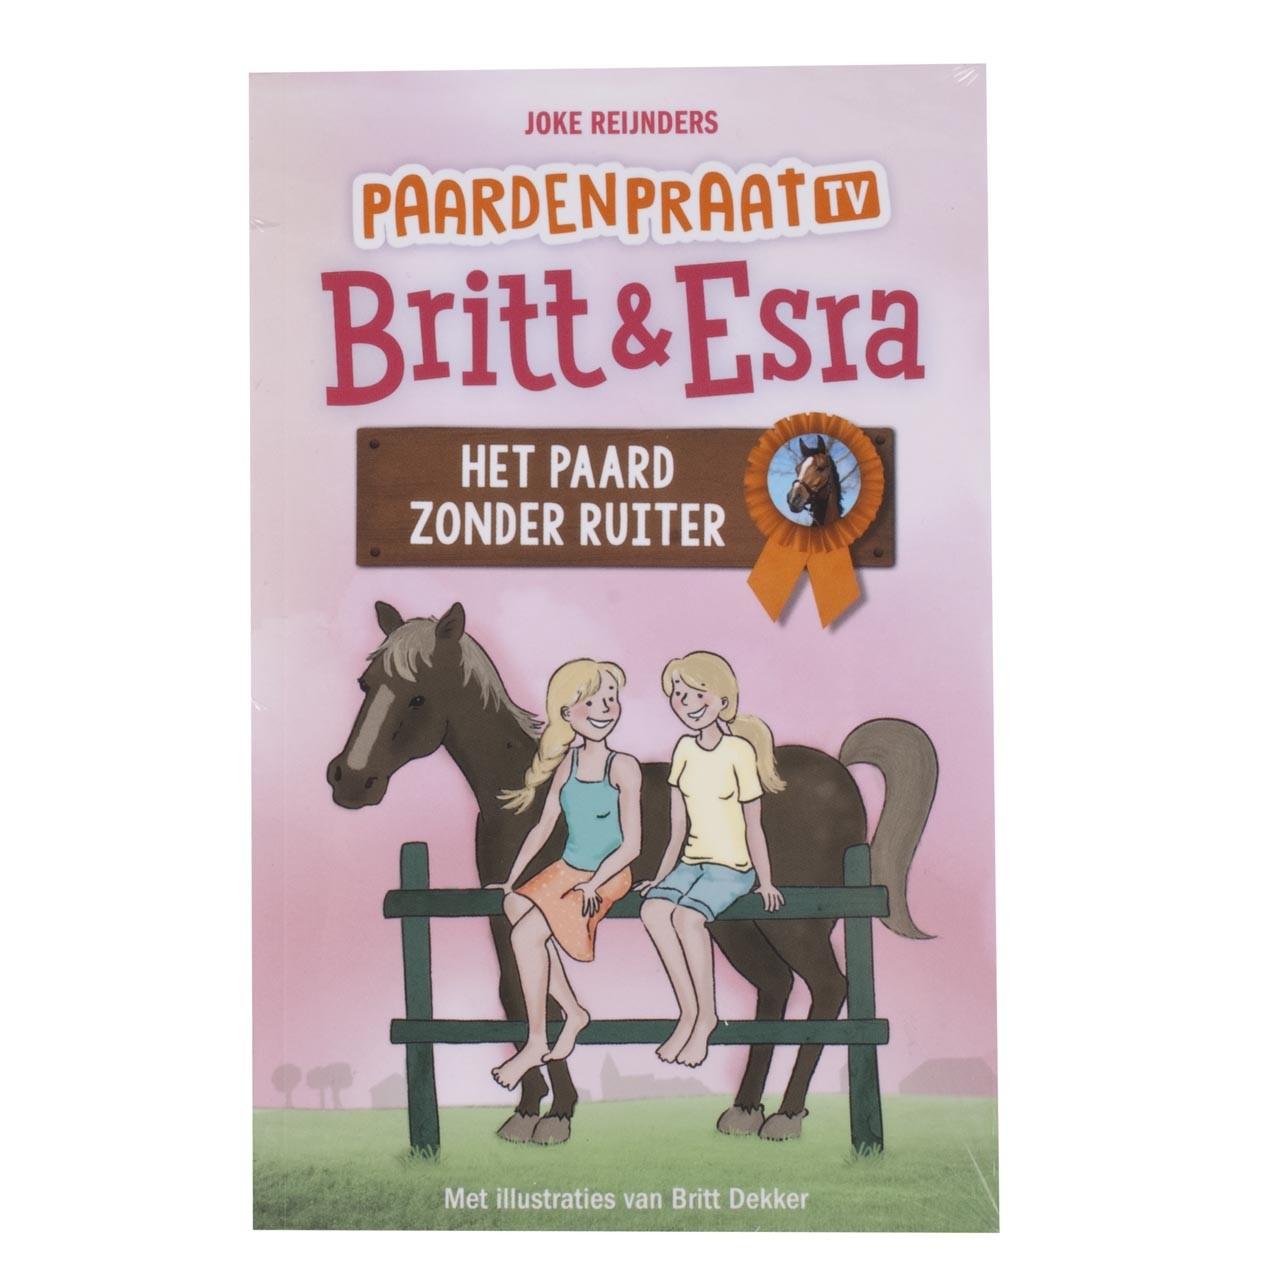 Britt & Esra Het paard zonder ruiter